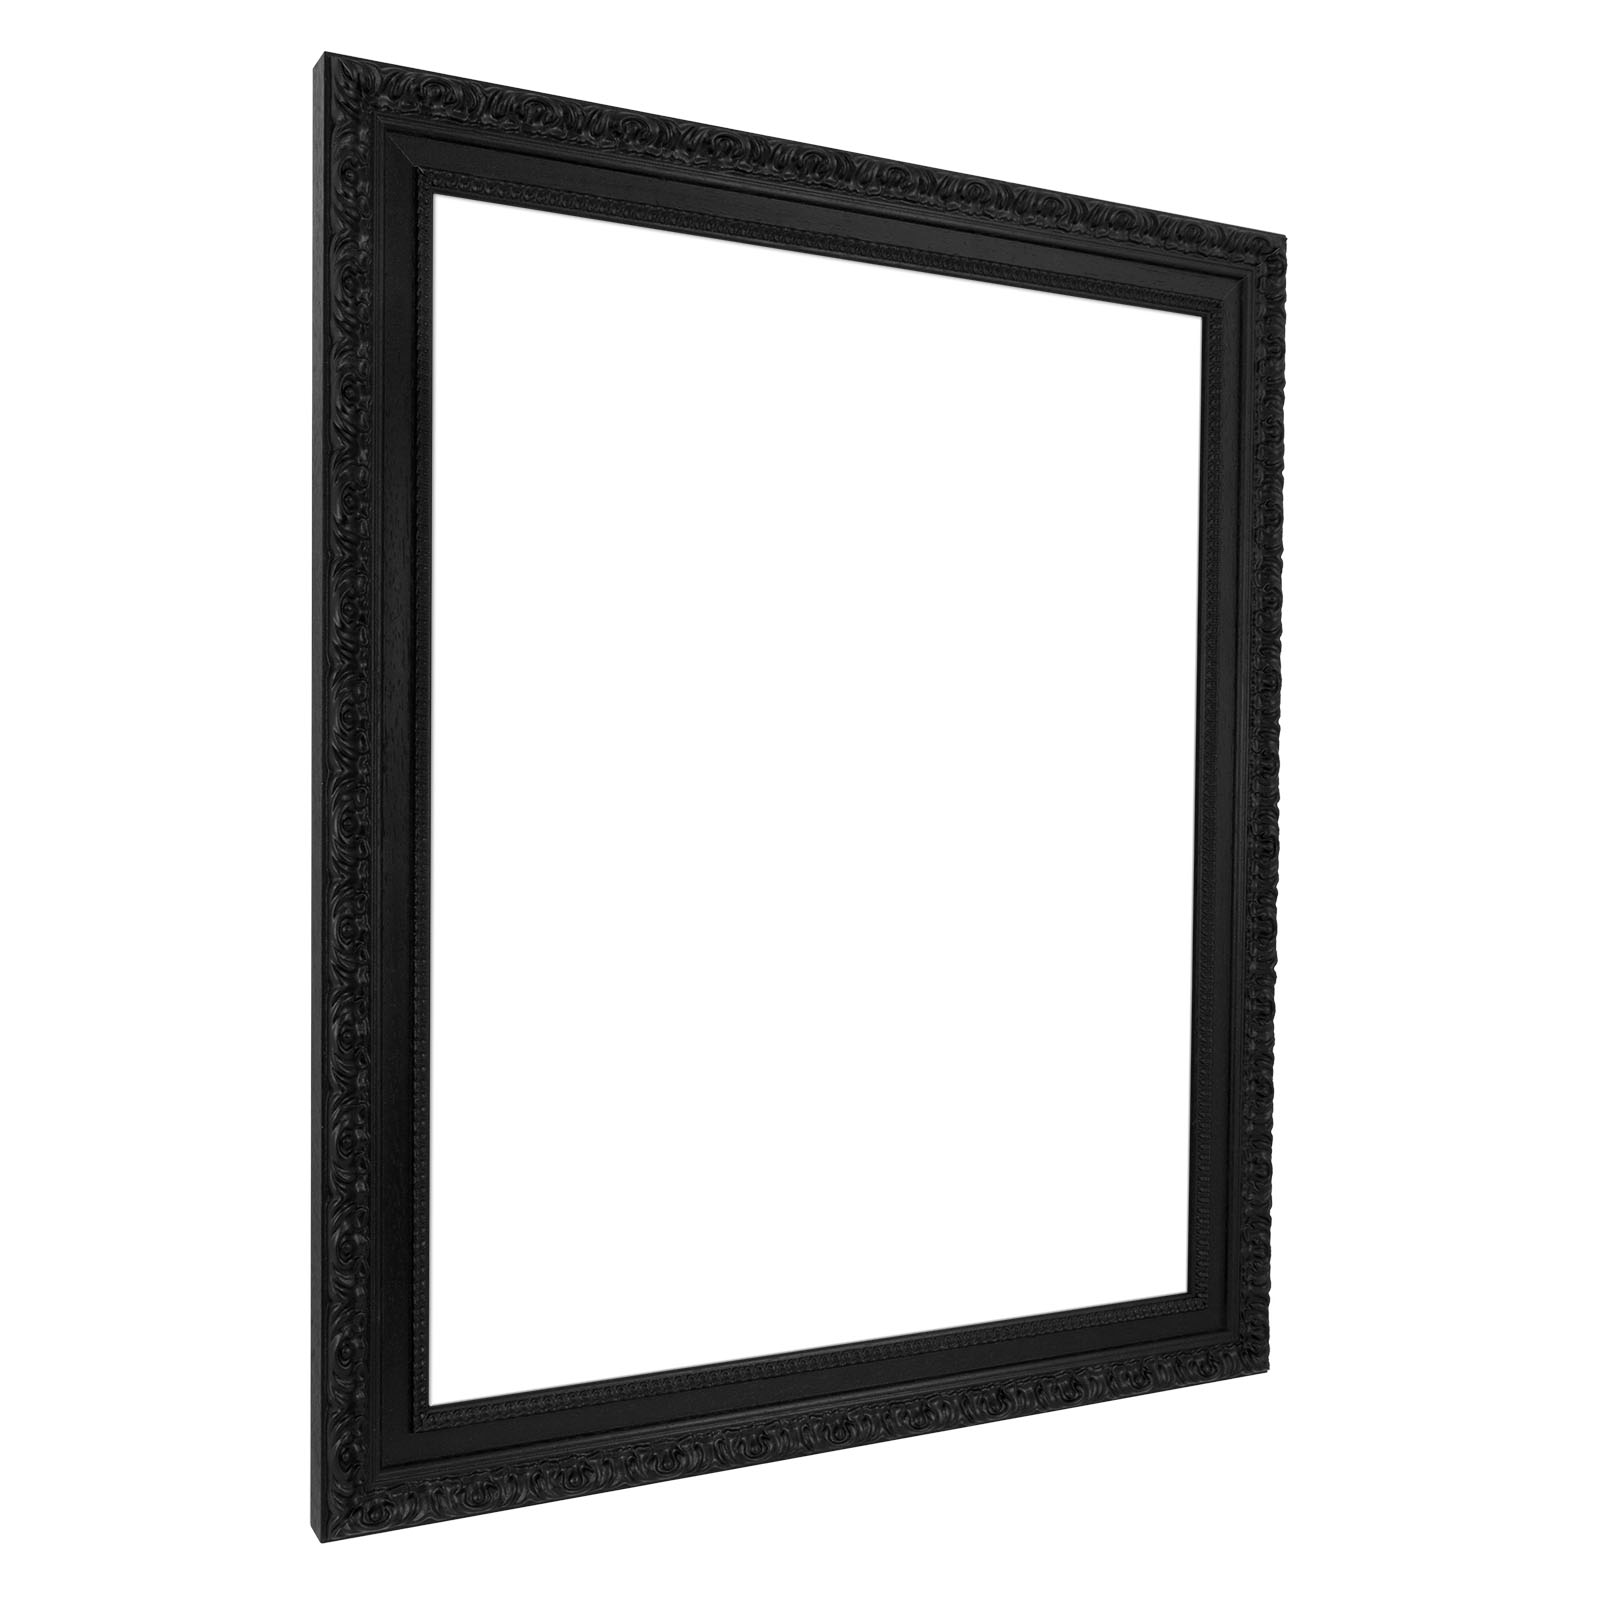 wand spiegel rahmen 70 x 100 in schwarz wei silber gold aus holz leerrahmen ebay. Black Bedroom Furniture Sets. Home Design Ideas